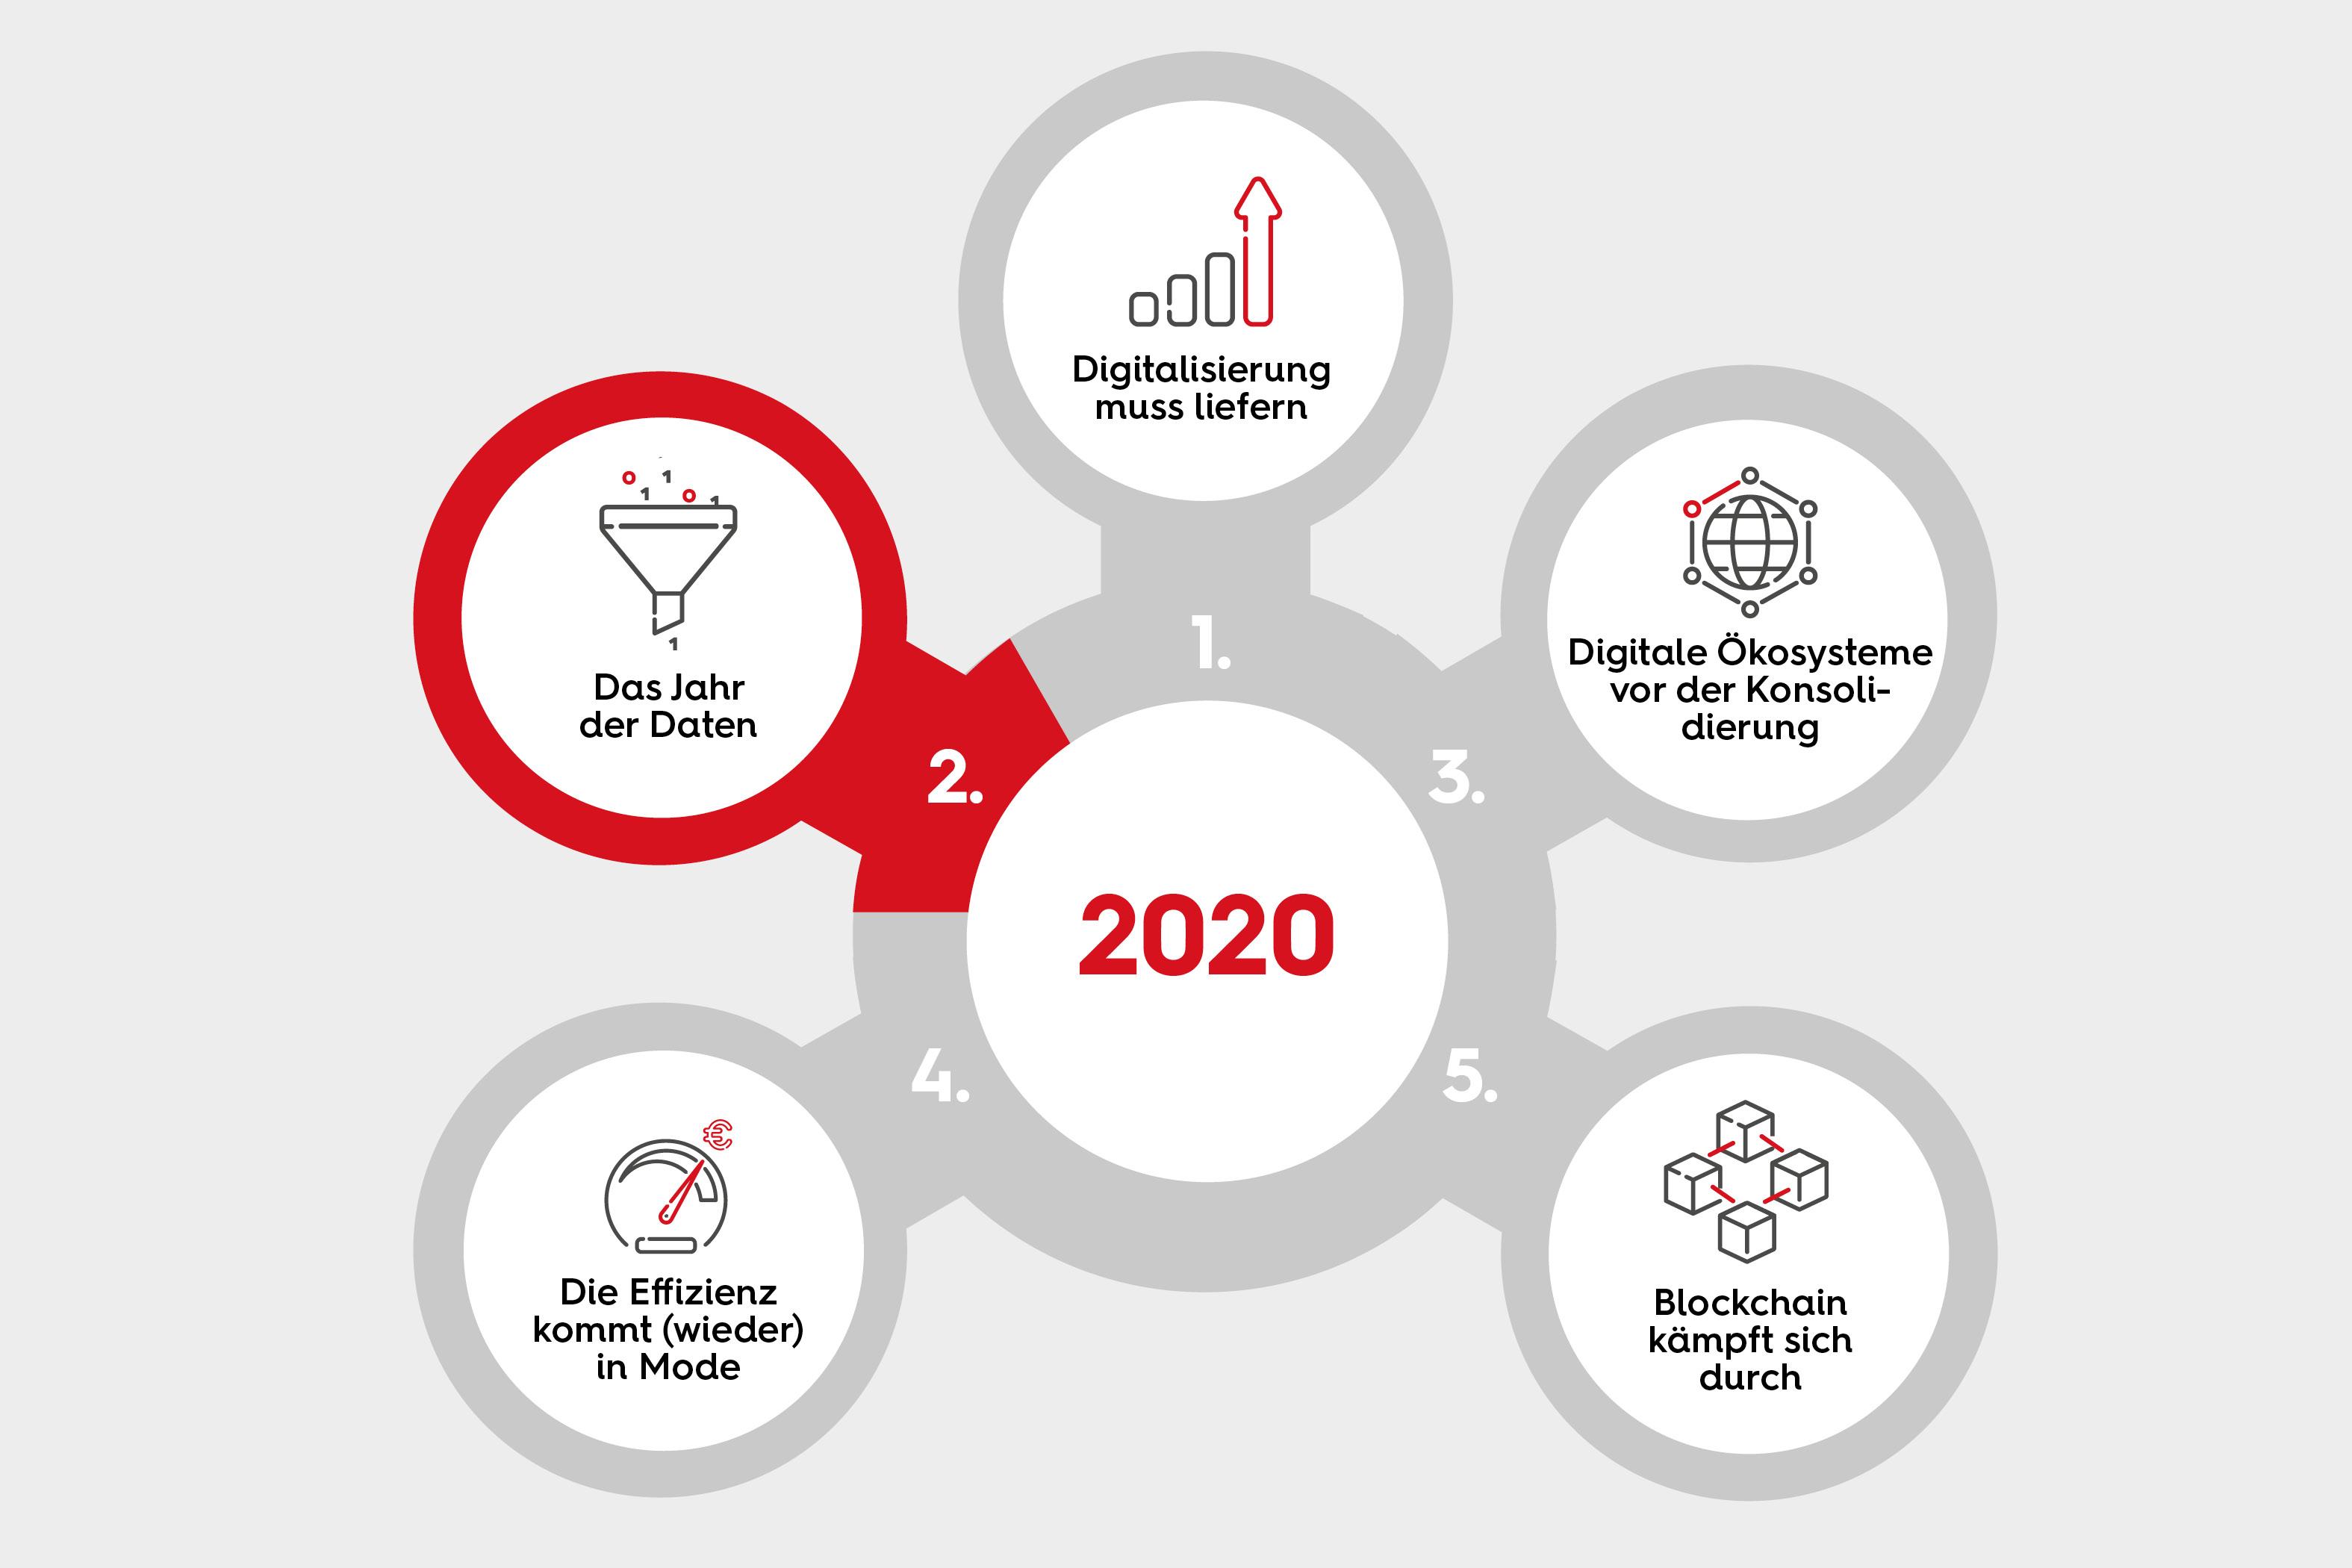 2020 - Das Jahr der Daten